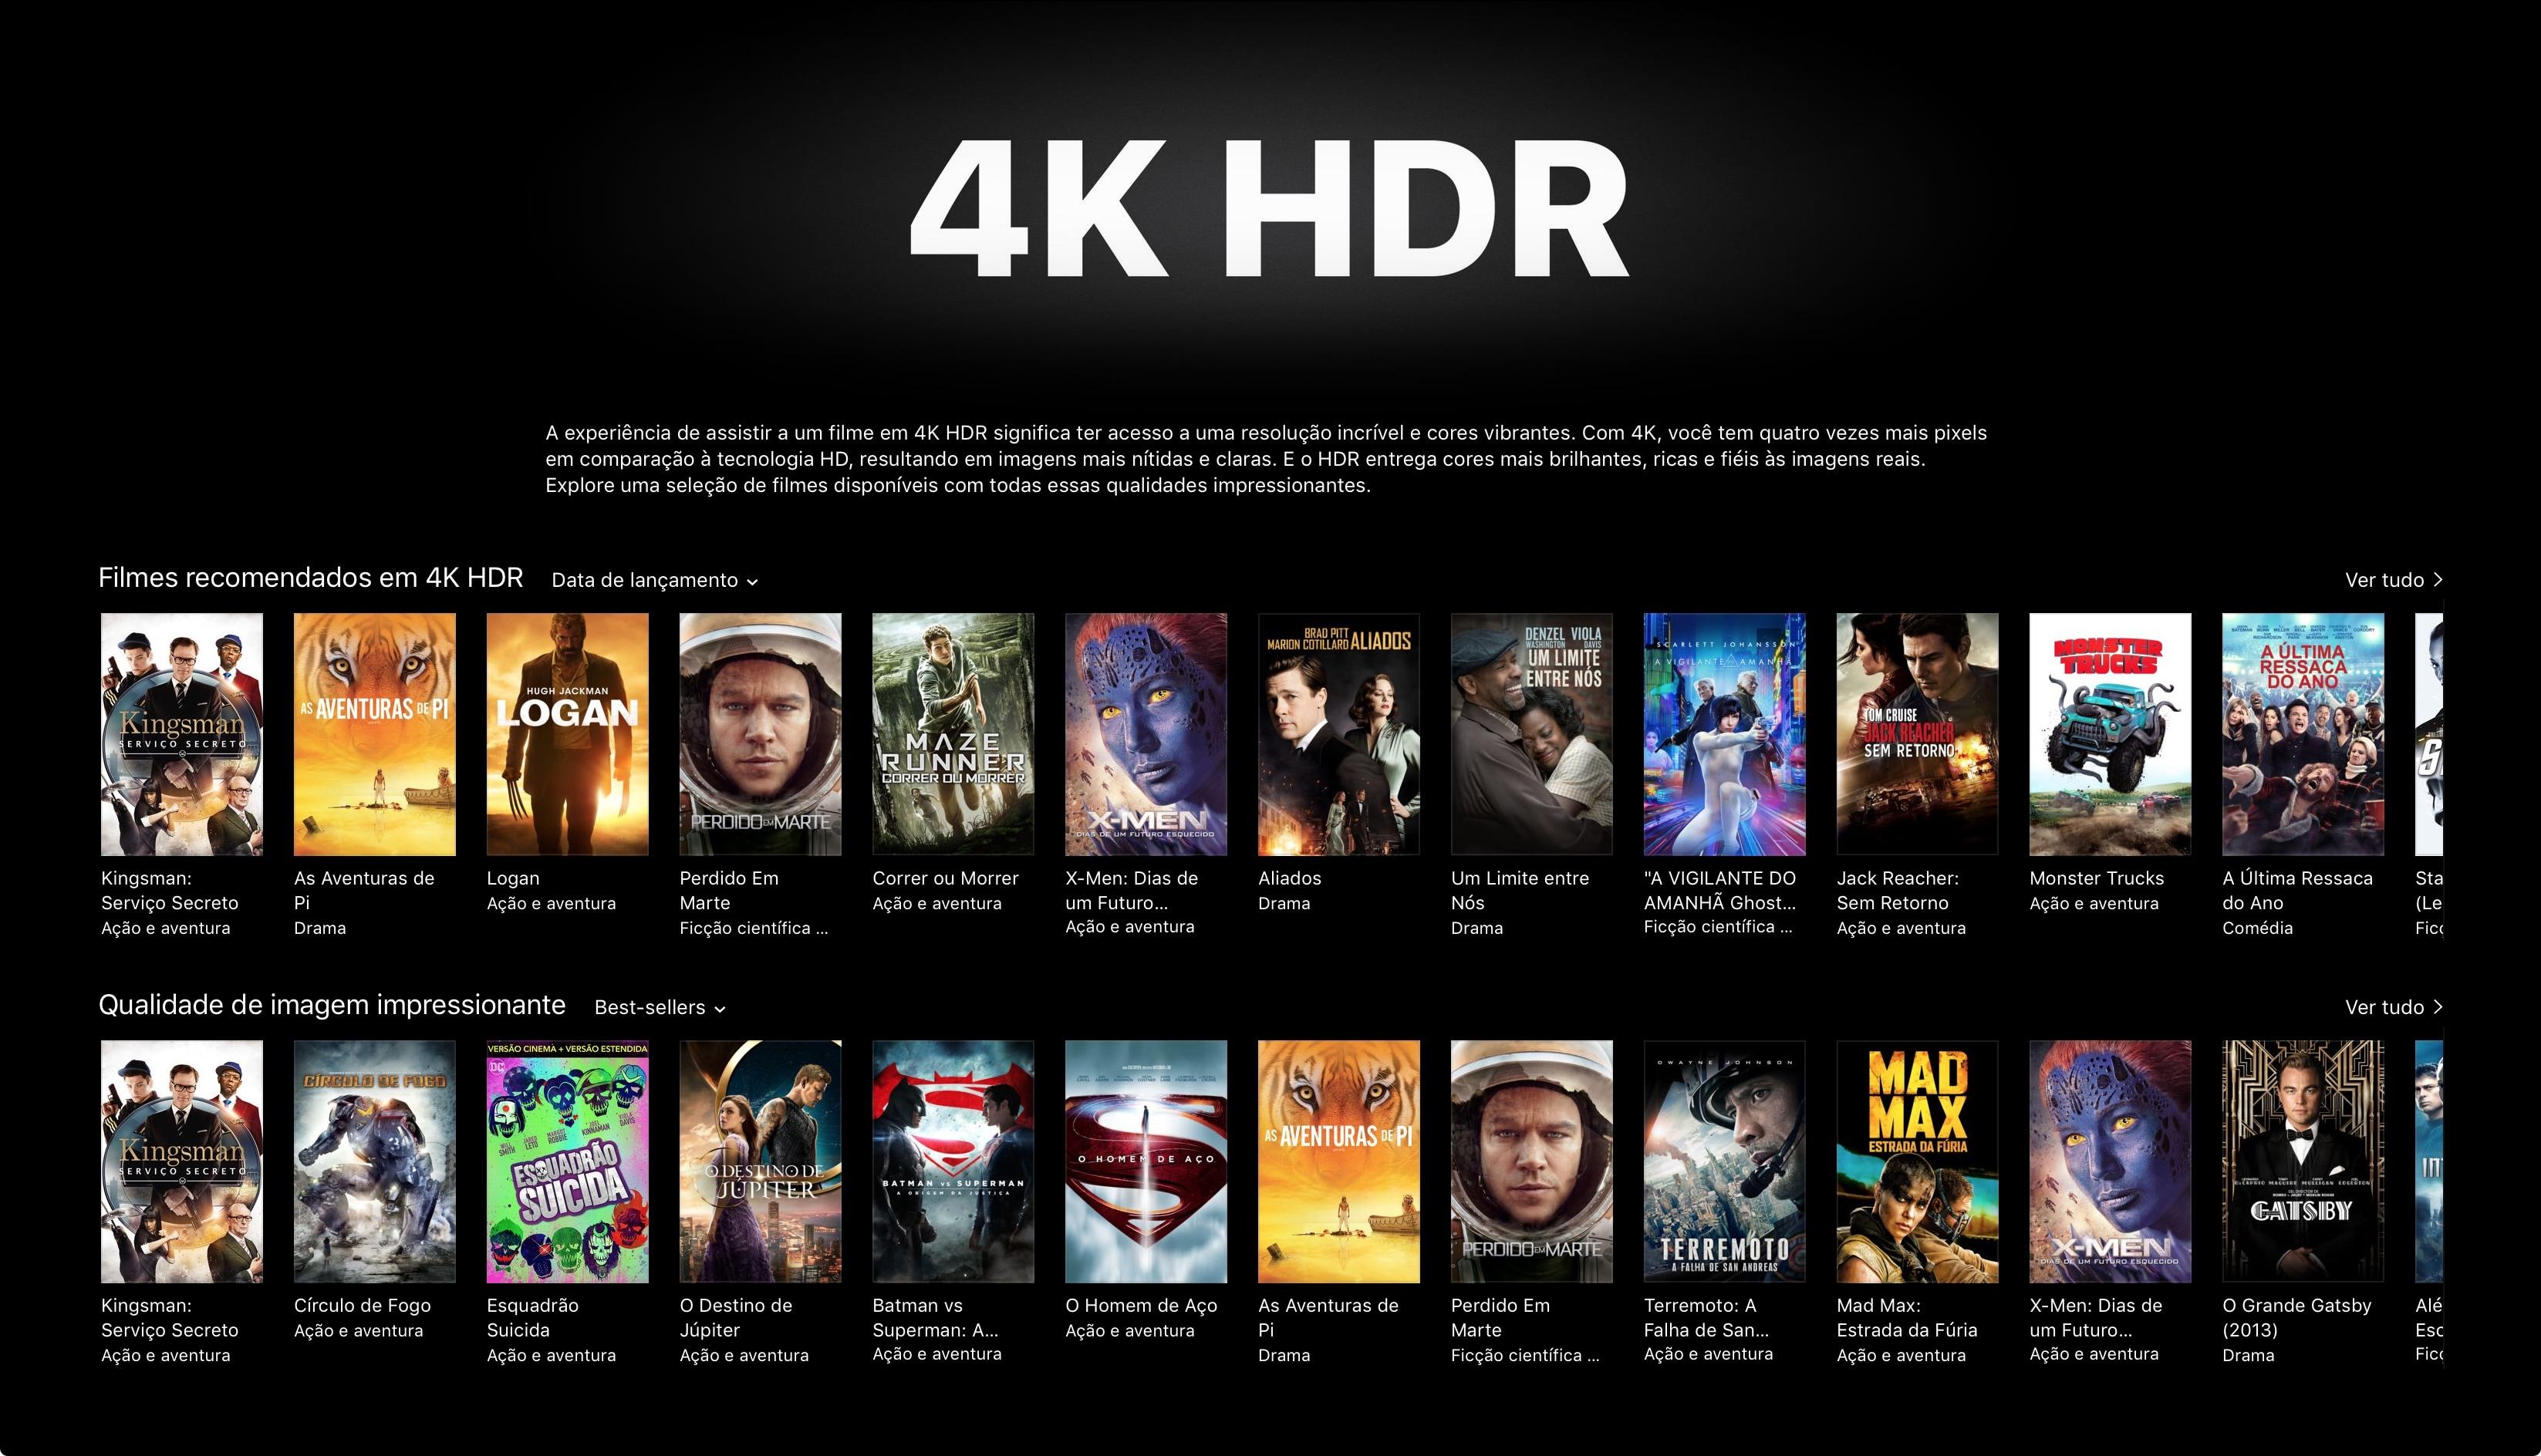 Conteúdo em 4K na iTunes Store